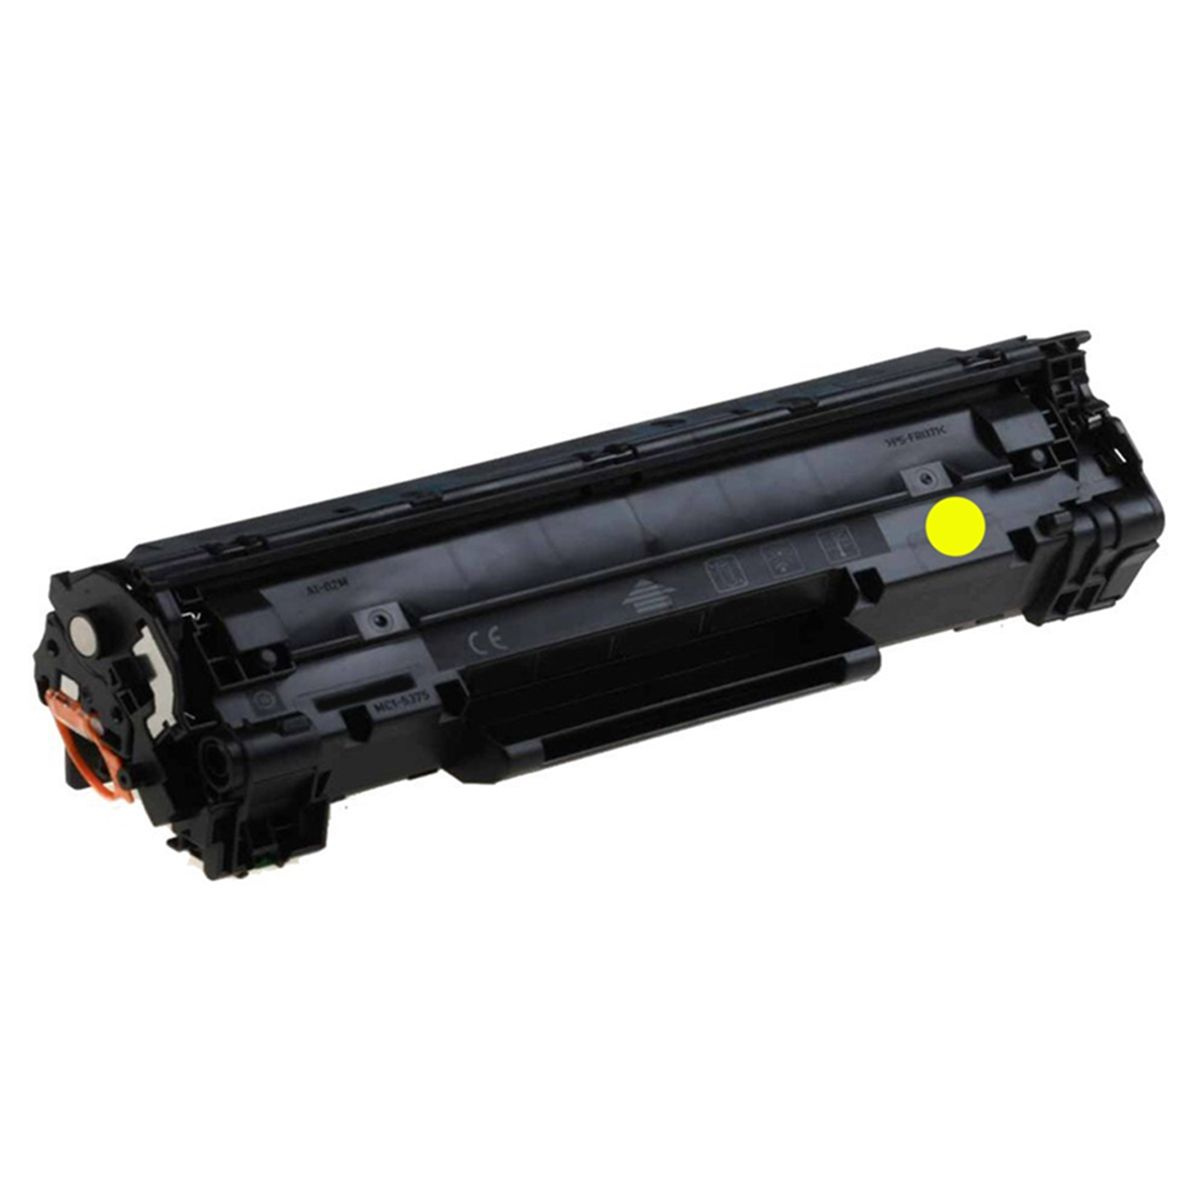 Toner HP CF402X Amarelo para impressoras M252DW M277DW M252 M277 Compatível